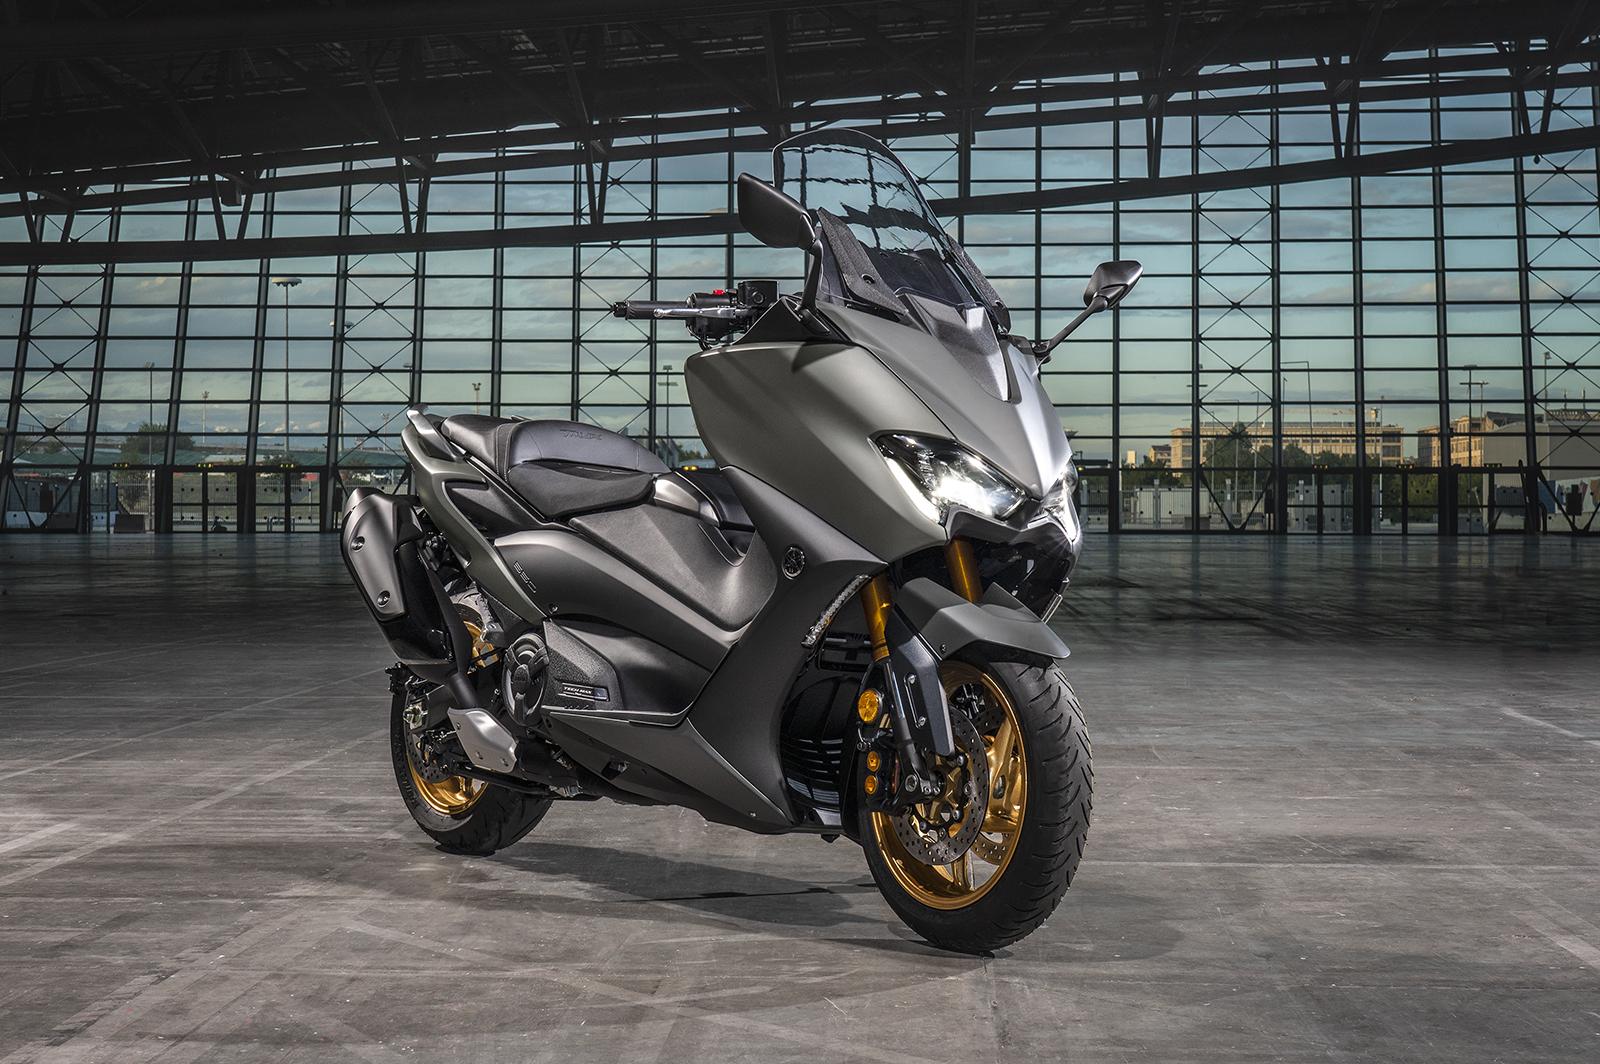 Yamaha(ヤマハ) 新型TMAX560を公開!